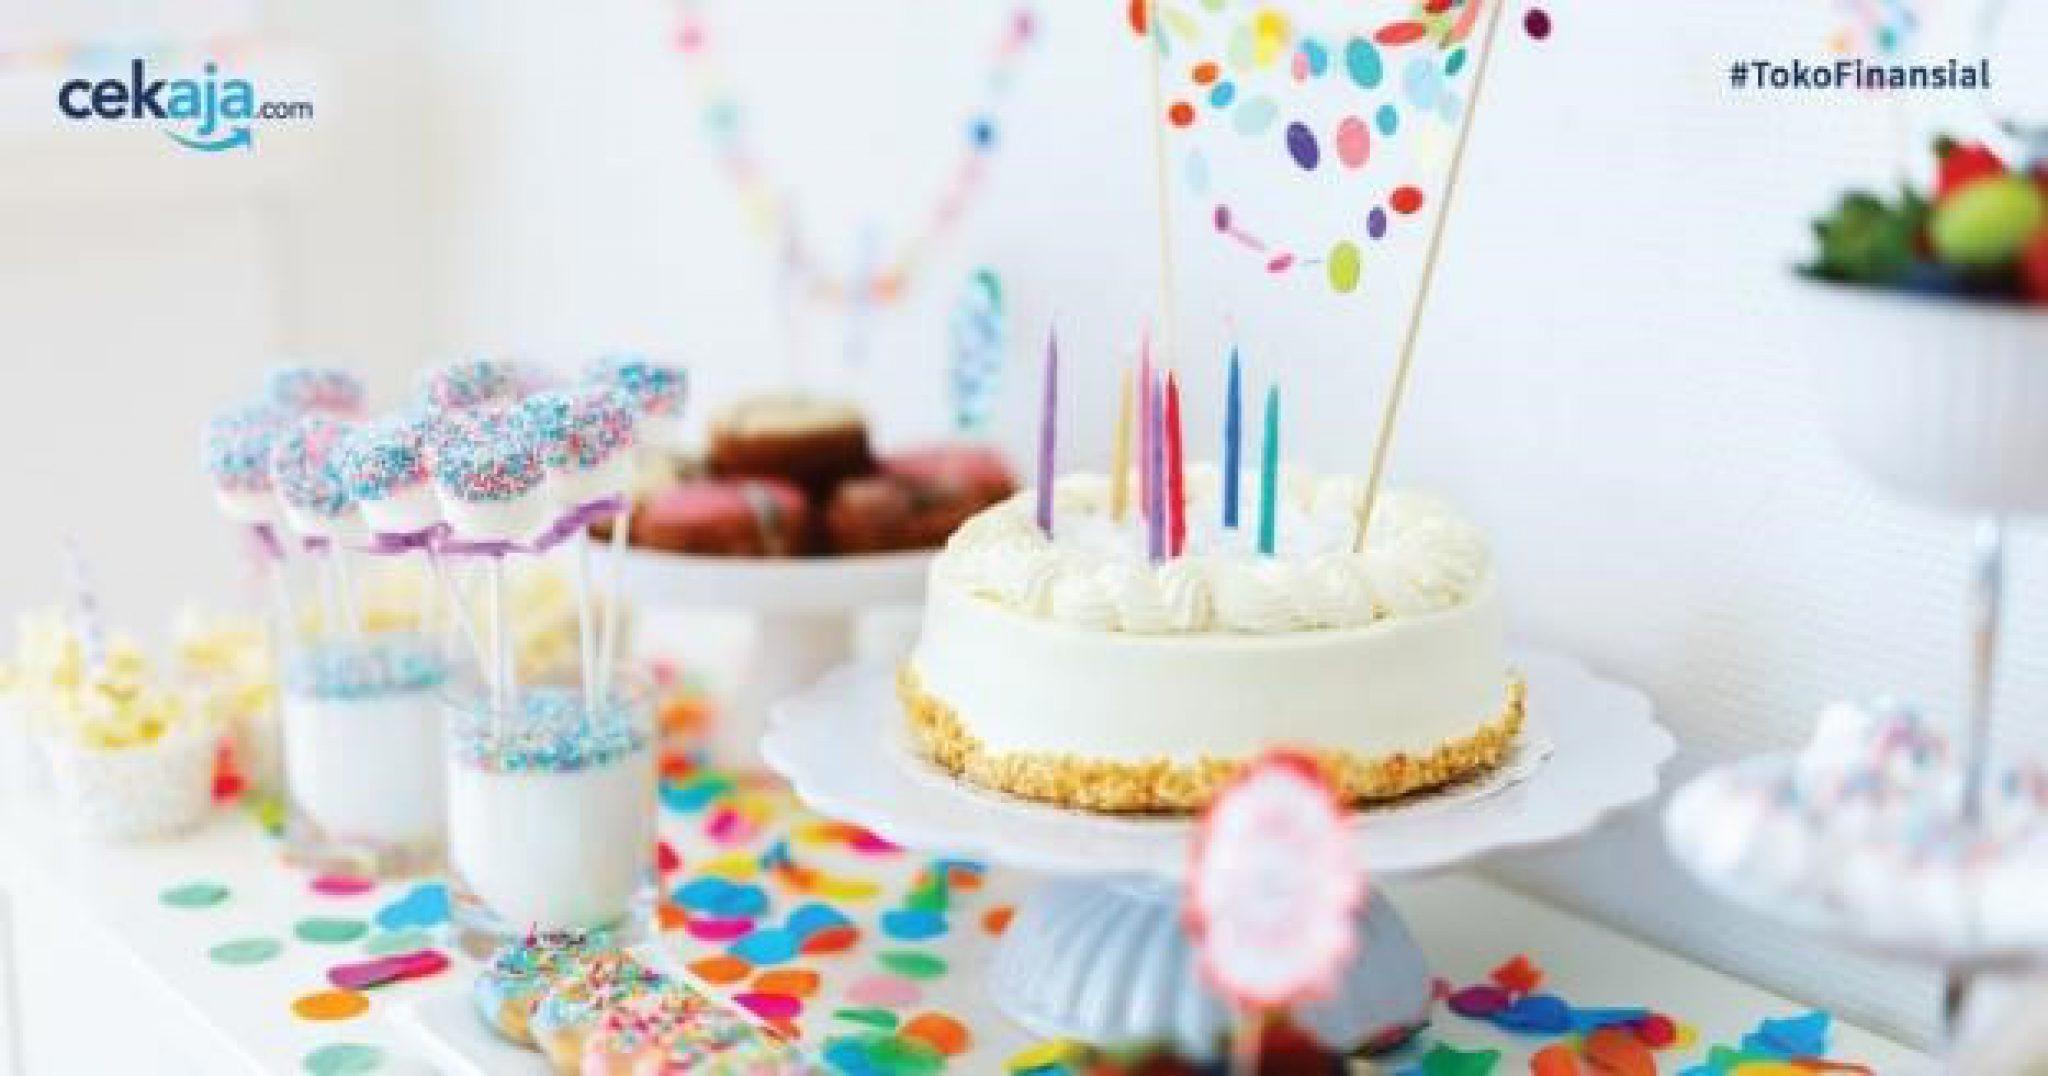 Dekorasi Ulang Tahun Cekaja Bayi Makan Es Krim